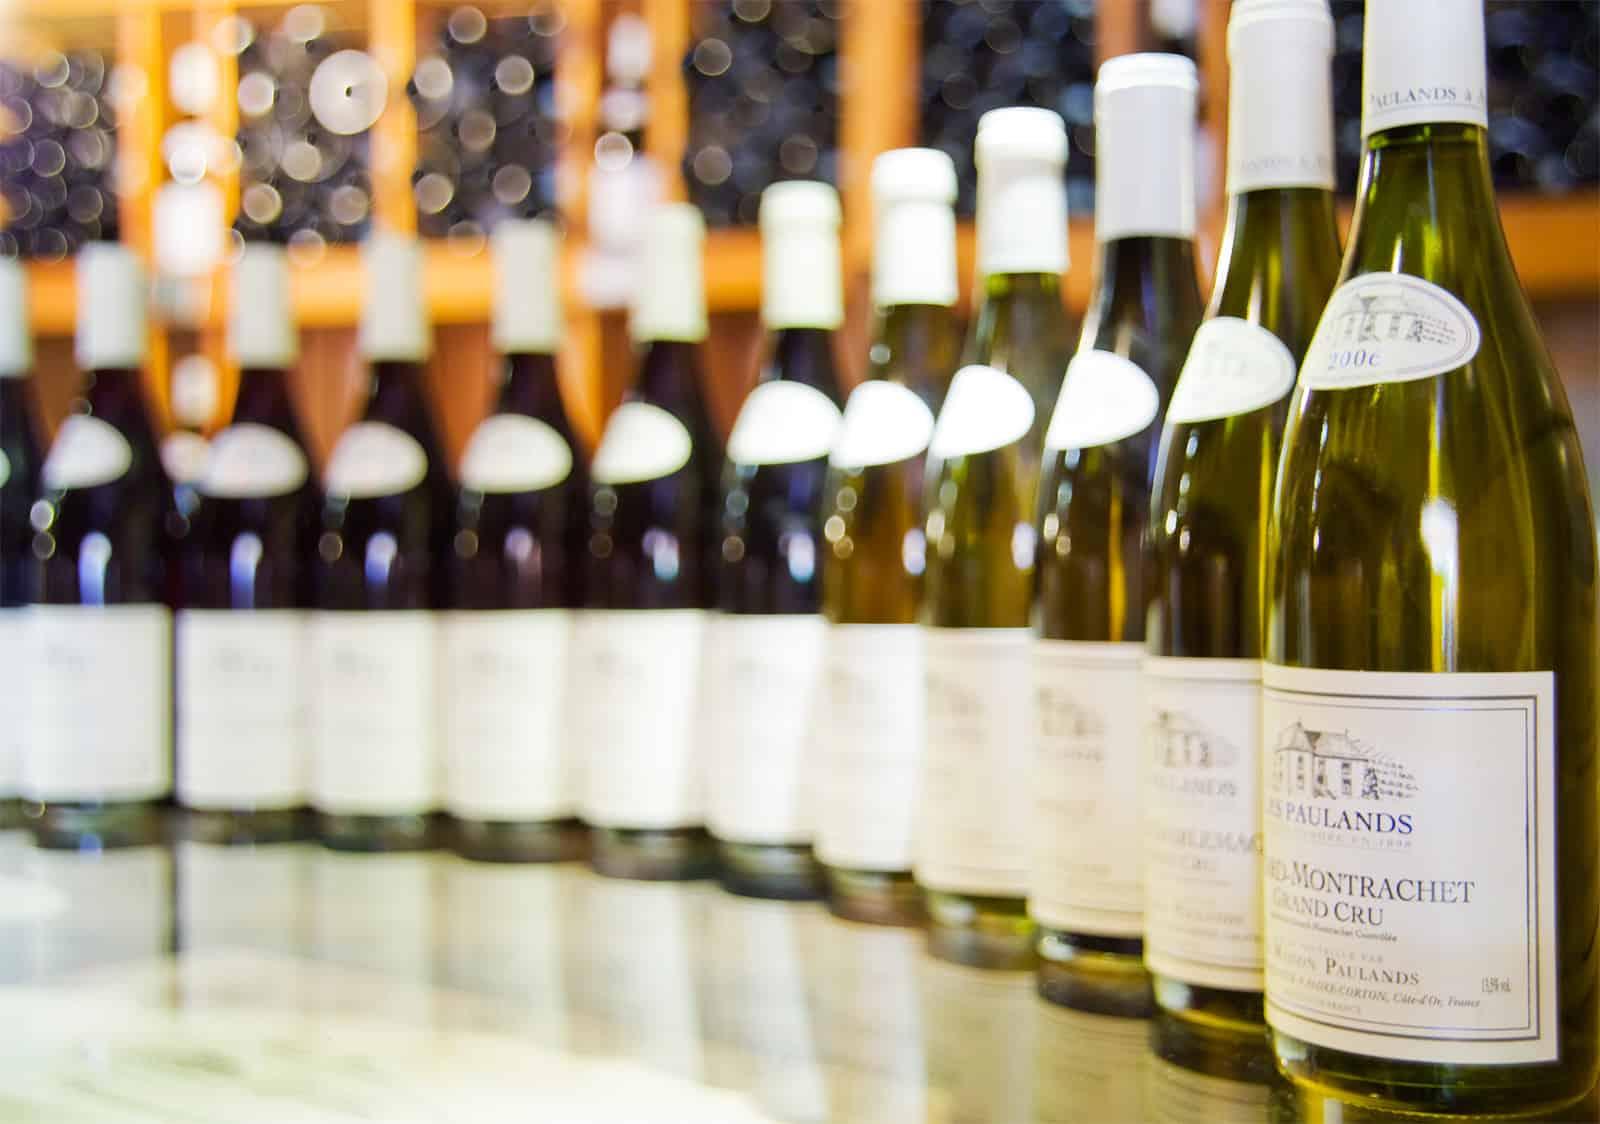 Chargé d'oenotourisme languedoc roussillon herault occitanie montpellier nimes pic saint loup narbonne beziers perpignan limoux carcassonne bureau des viticulteurs 23